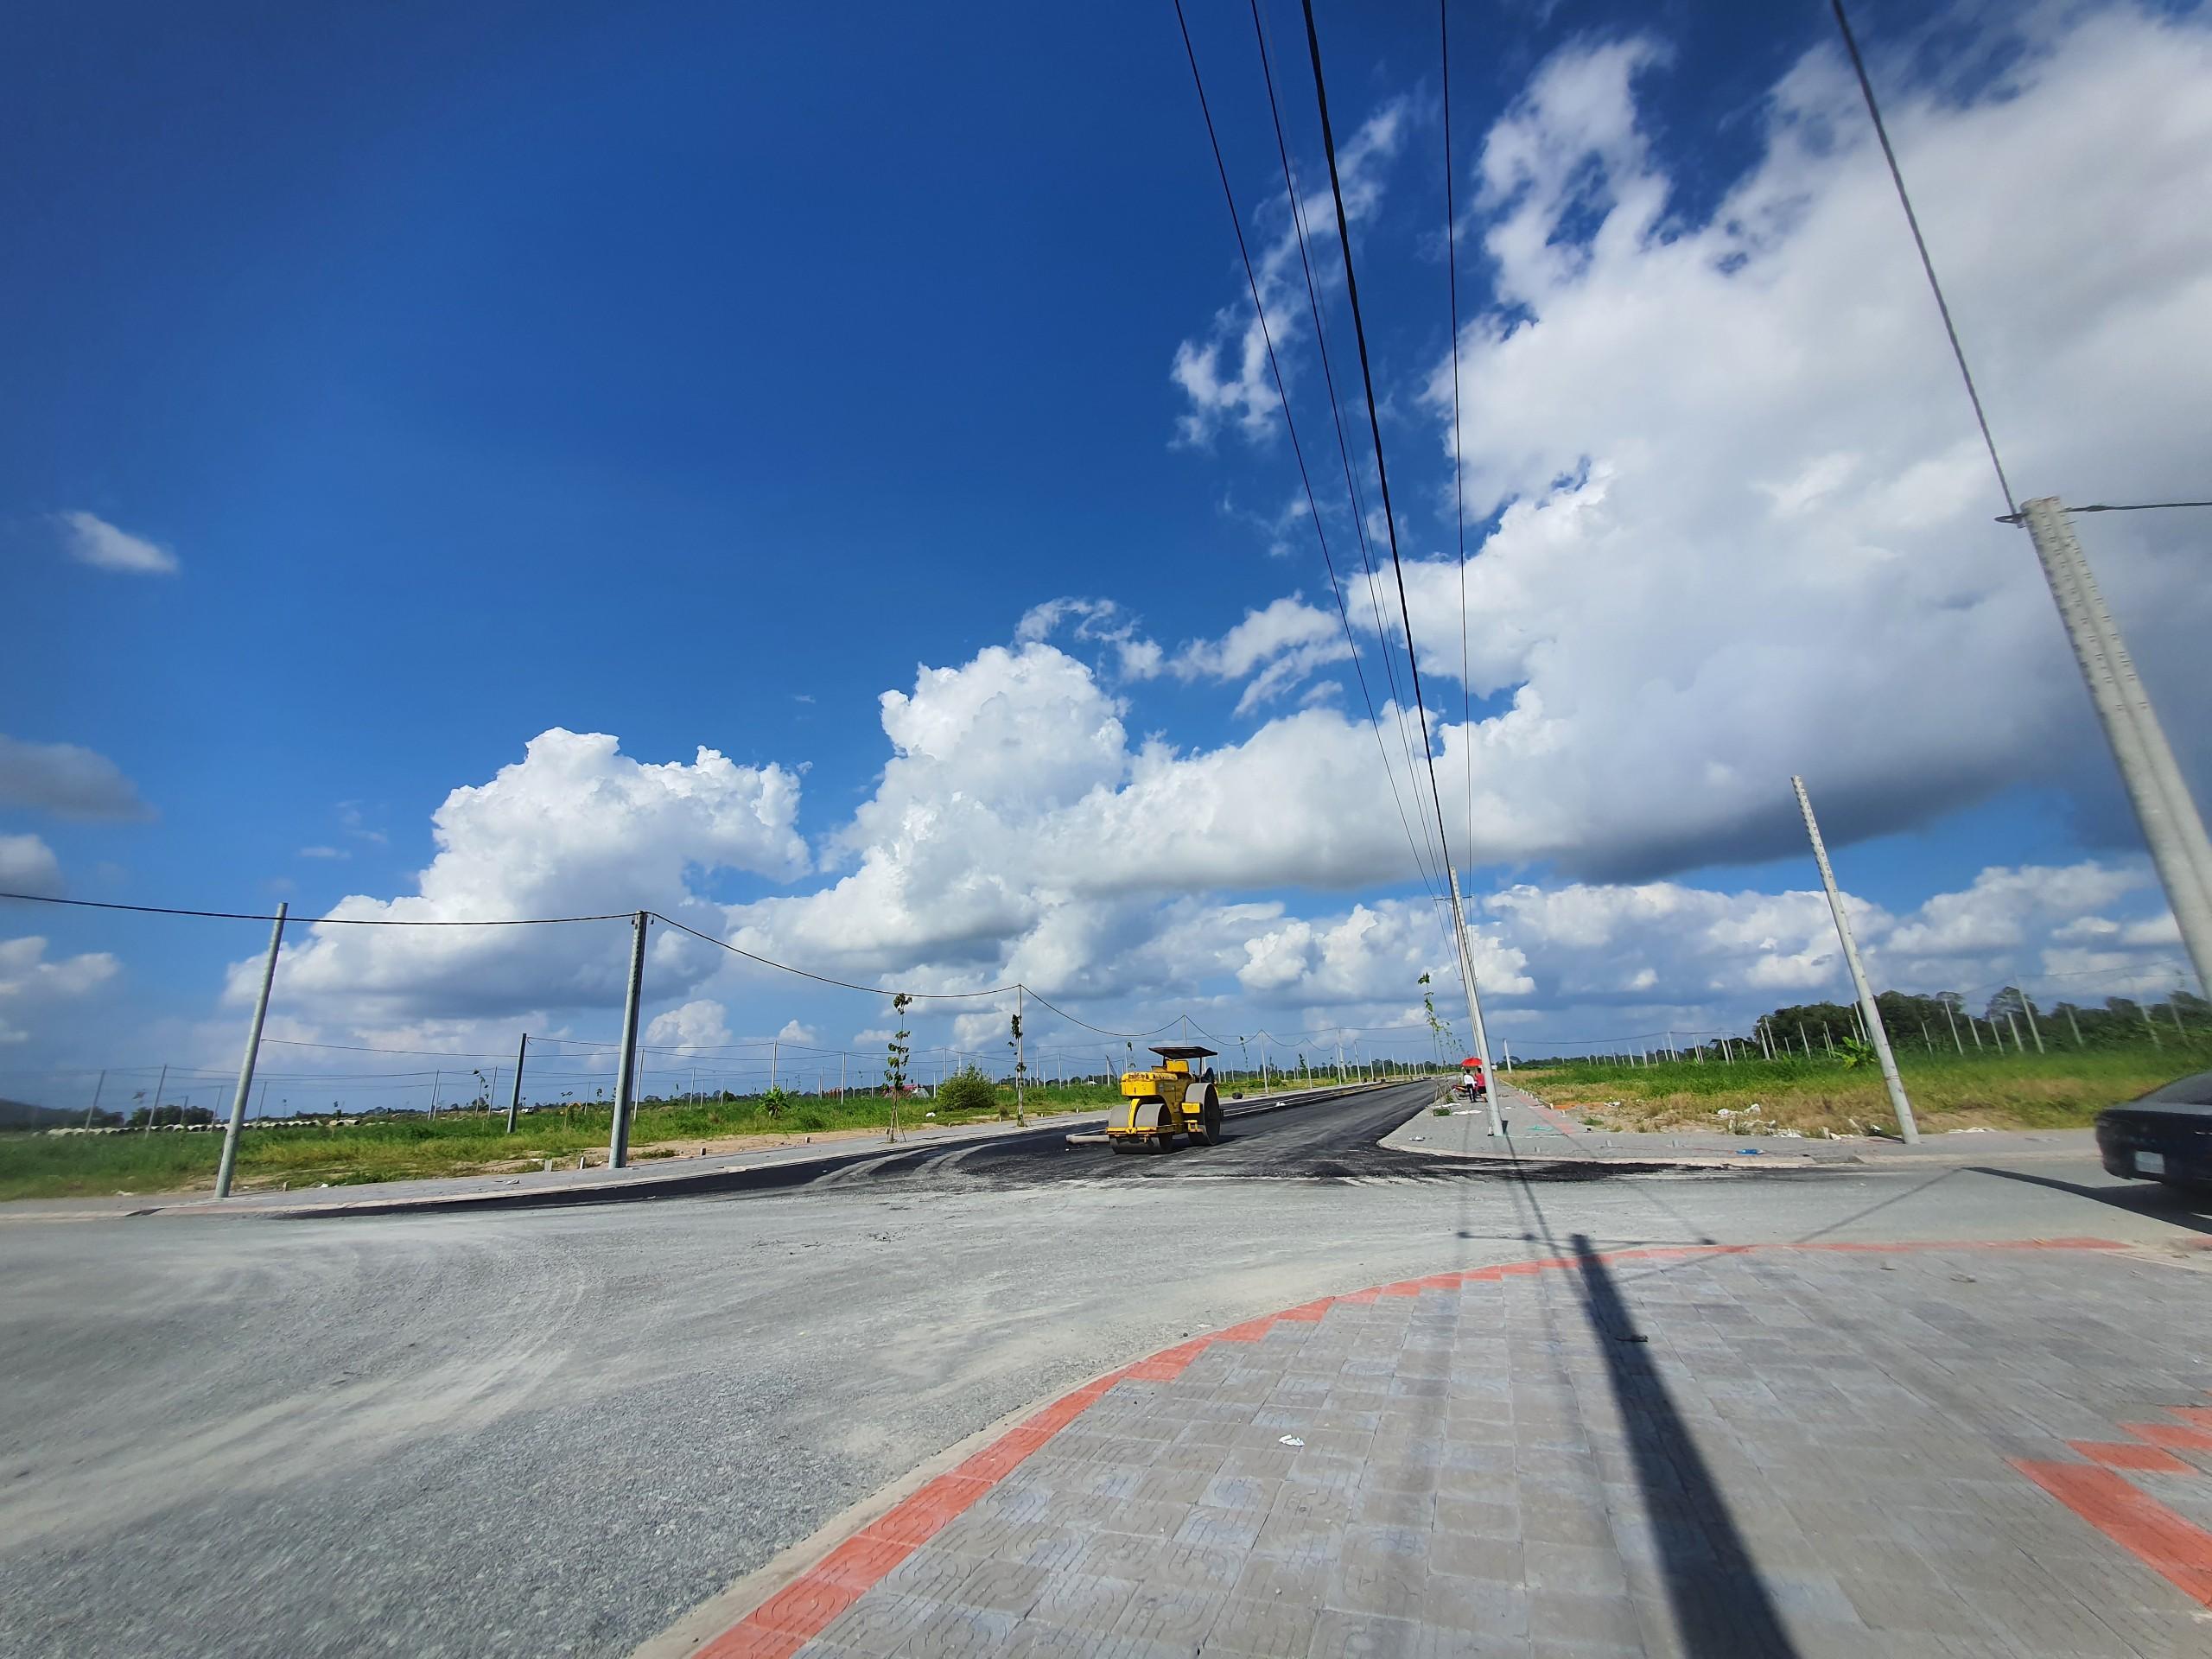 Bán đất nền tại Khu đô thị Fenix City - Vạn Phát Sông Hậu